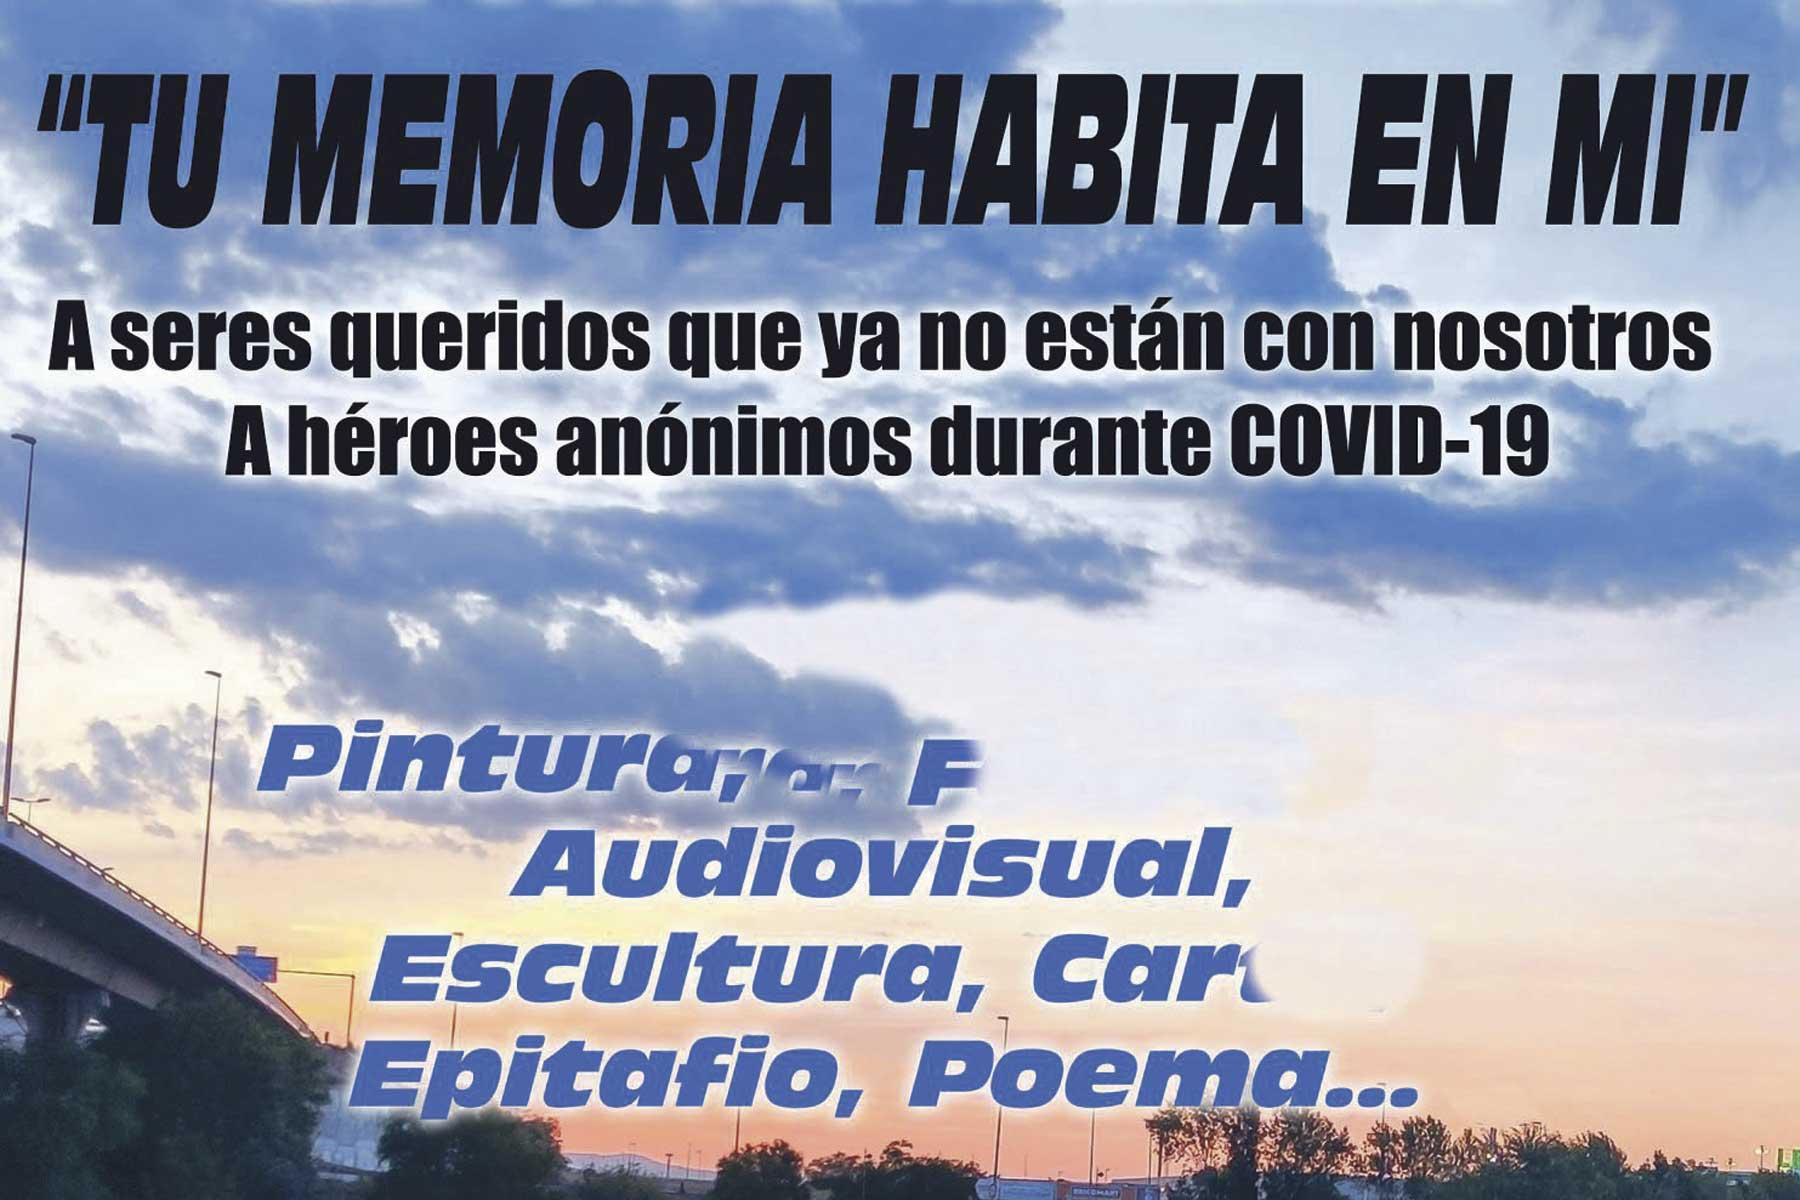 Participa enviando tu pintura, fotografía, escultura, poema o epitafio hasta el próximo 11 de septiembre